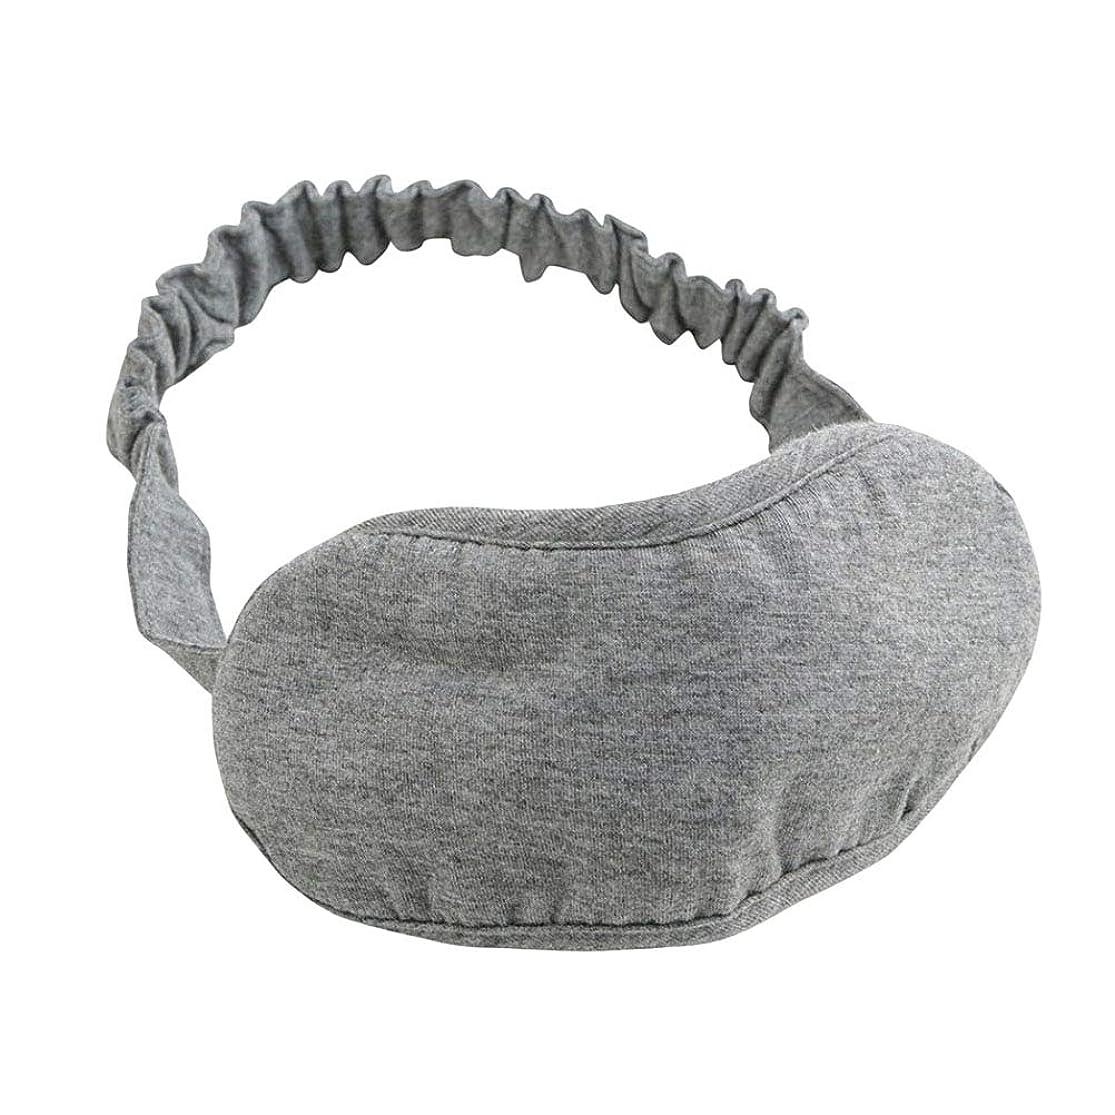 コントローラ攻撃島SUPVOX 睡眠マスクコットンアイマスク厚手の目隠しアイカバー女性のための子供たちの子供ホームベッド旅行のフライトカーキャンプオフィス使用(グレー)